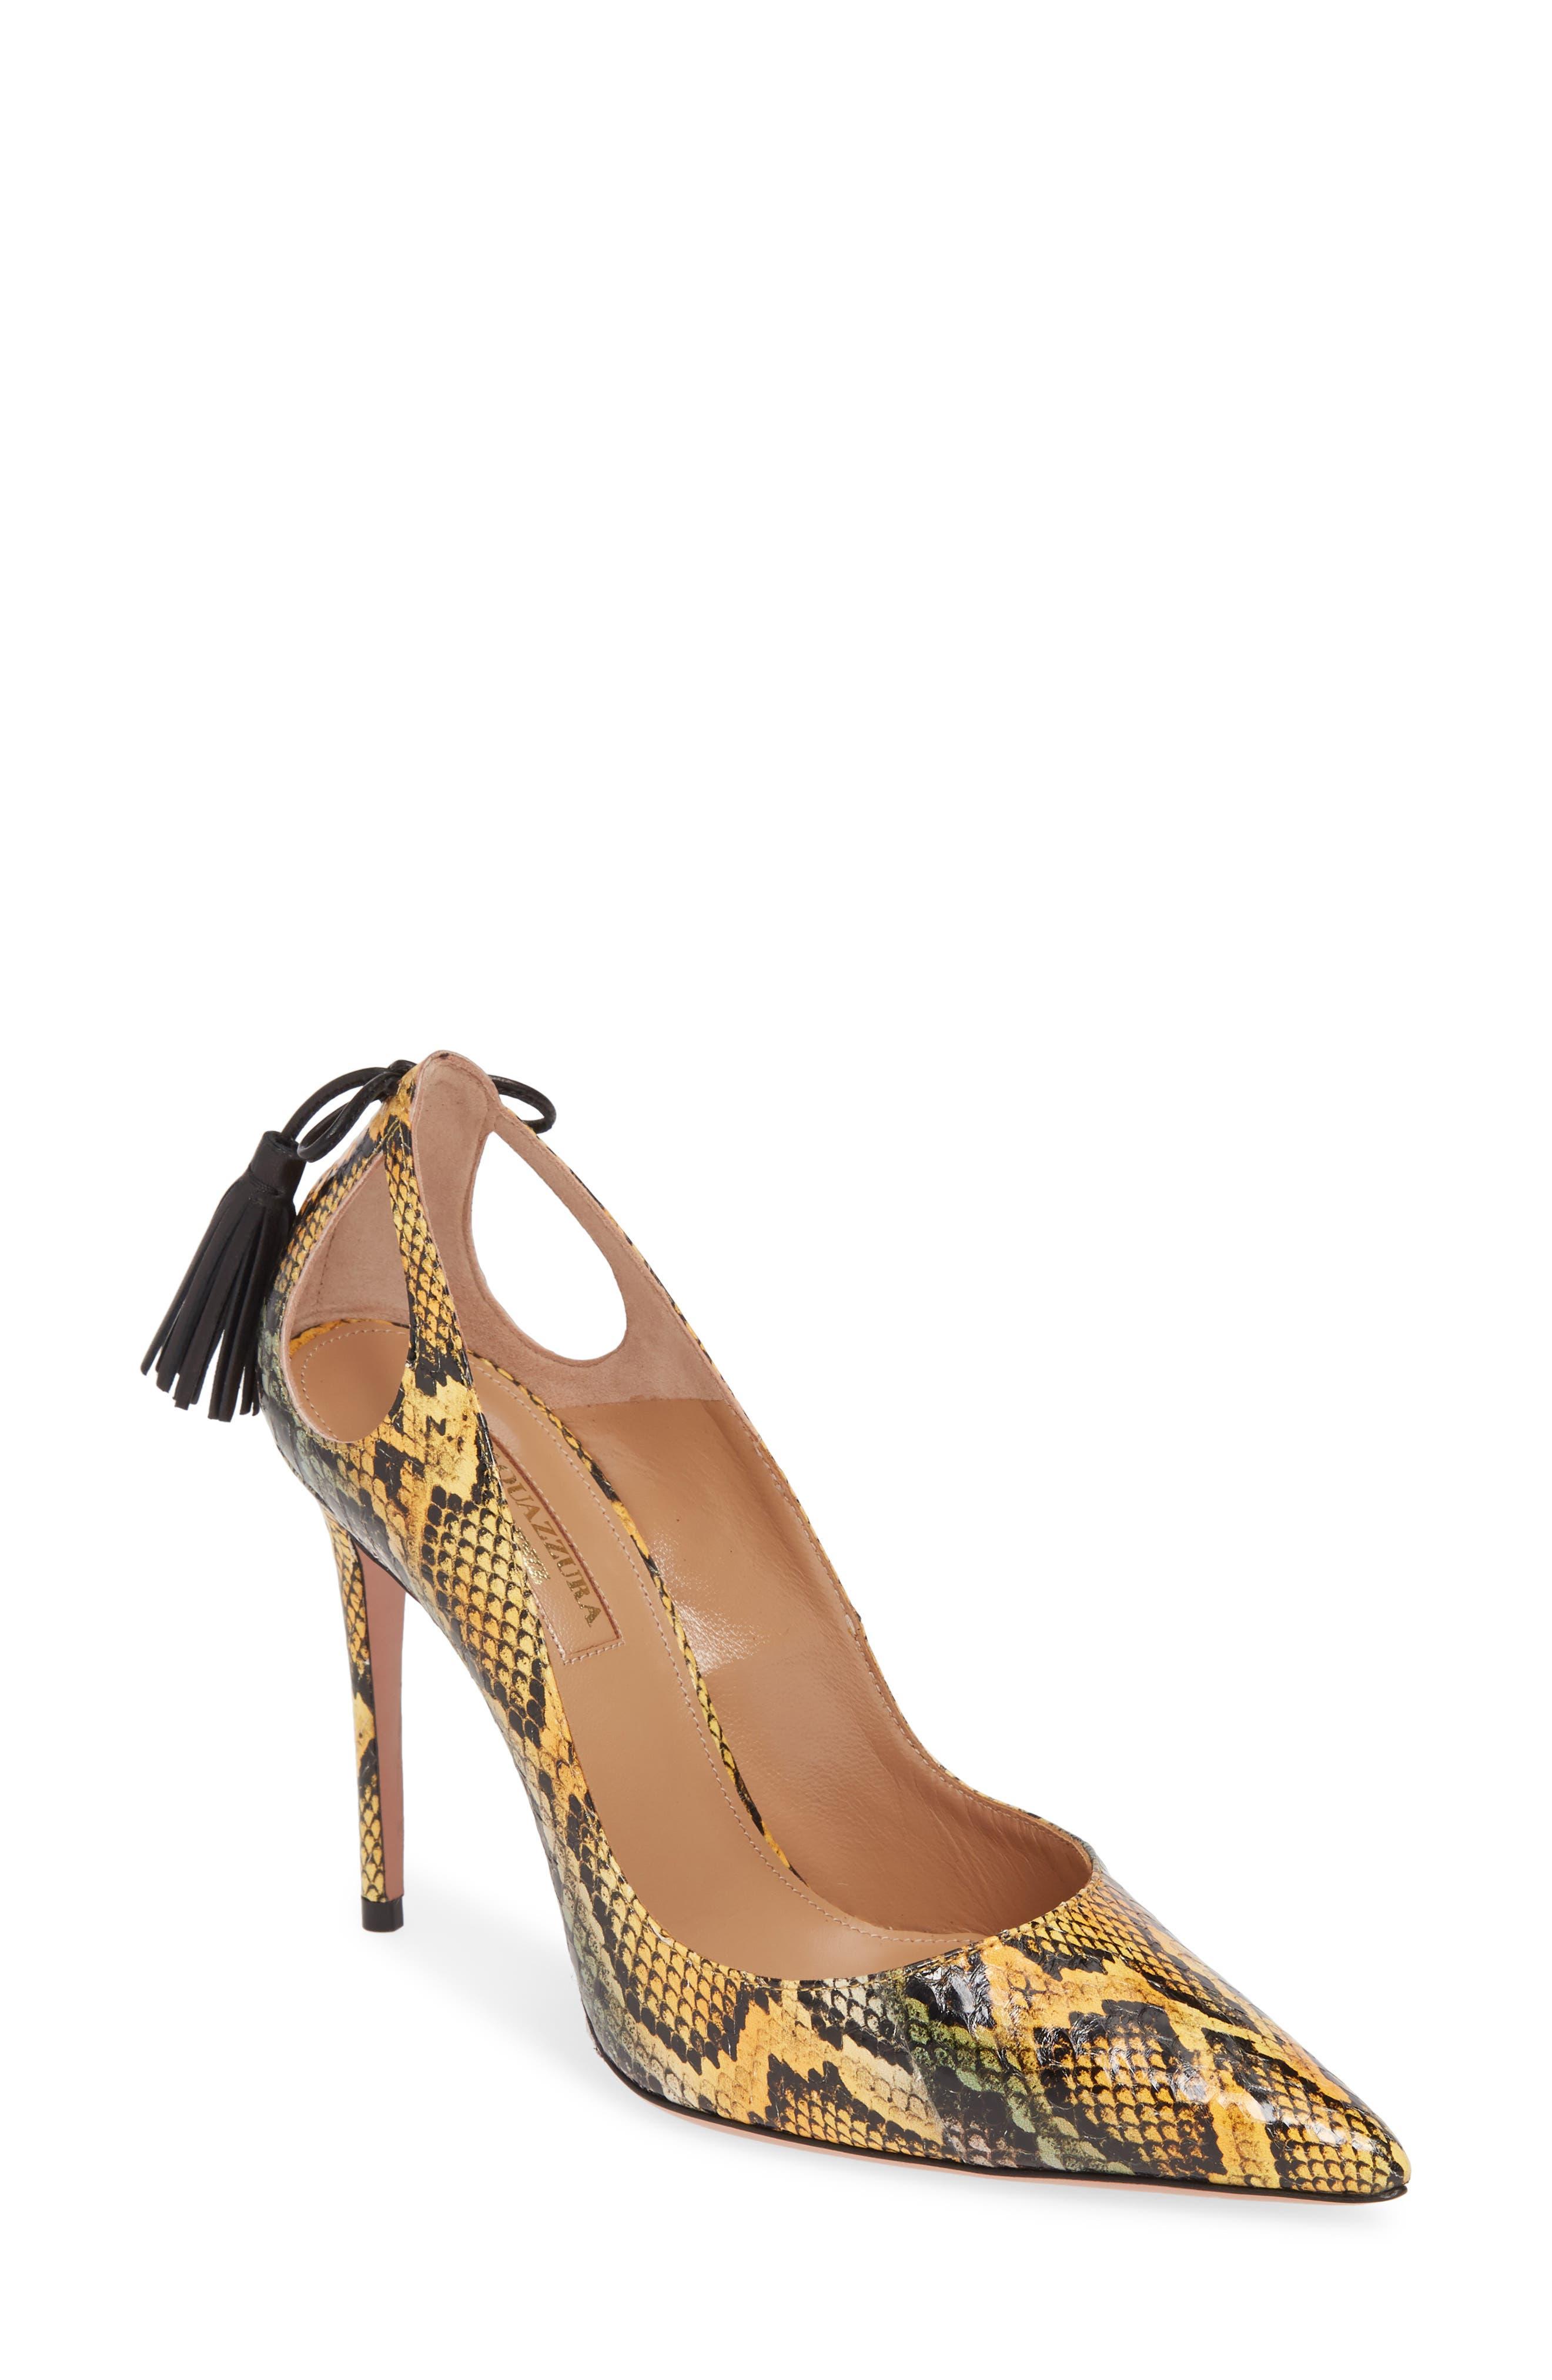 8d47bab90545 Women s Designer Shoes